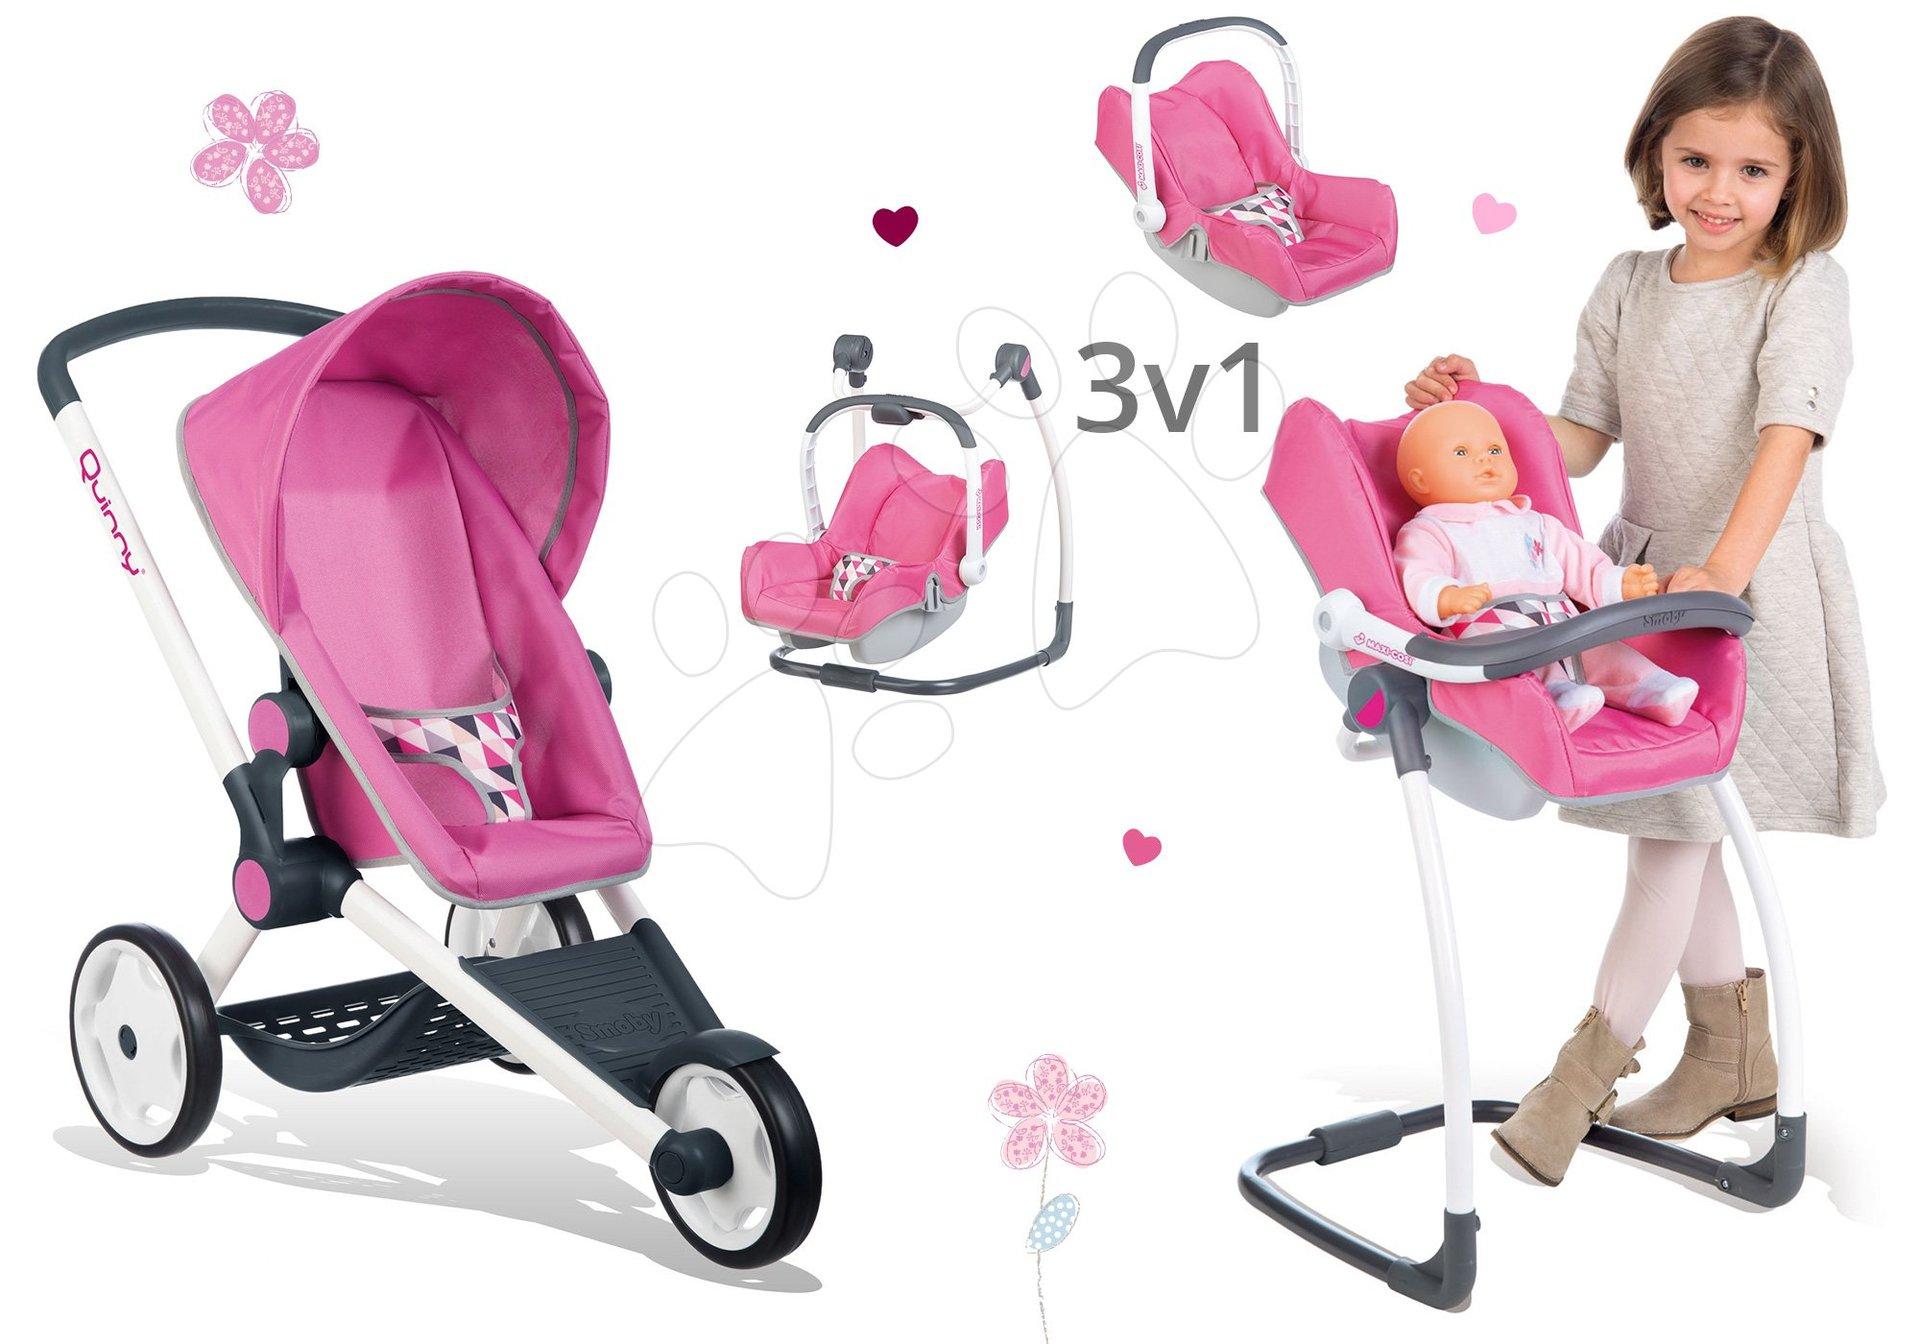 Smoby detský kočík Maxi-Cosi & Quinny pre bábiku a autosedačka 3v1 255097-1